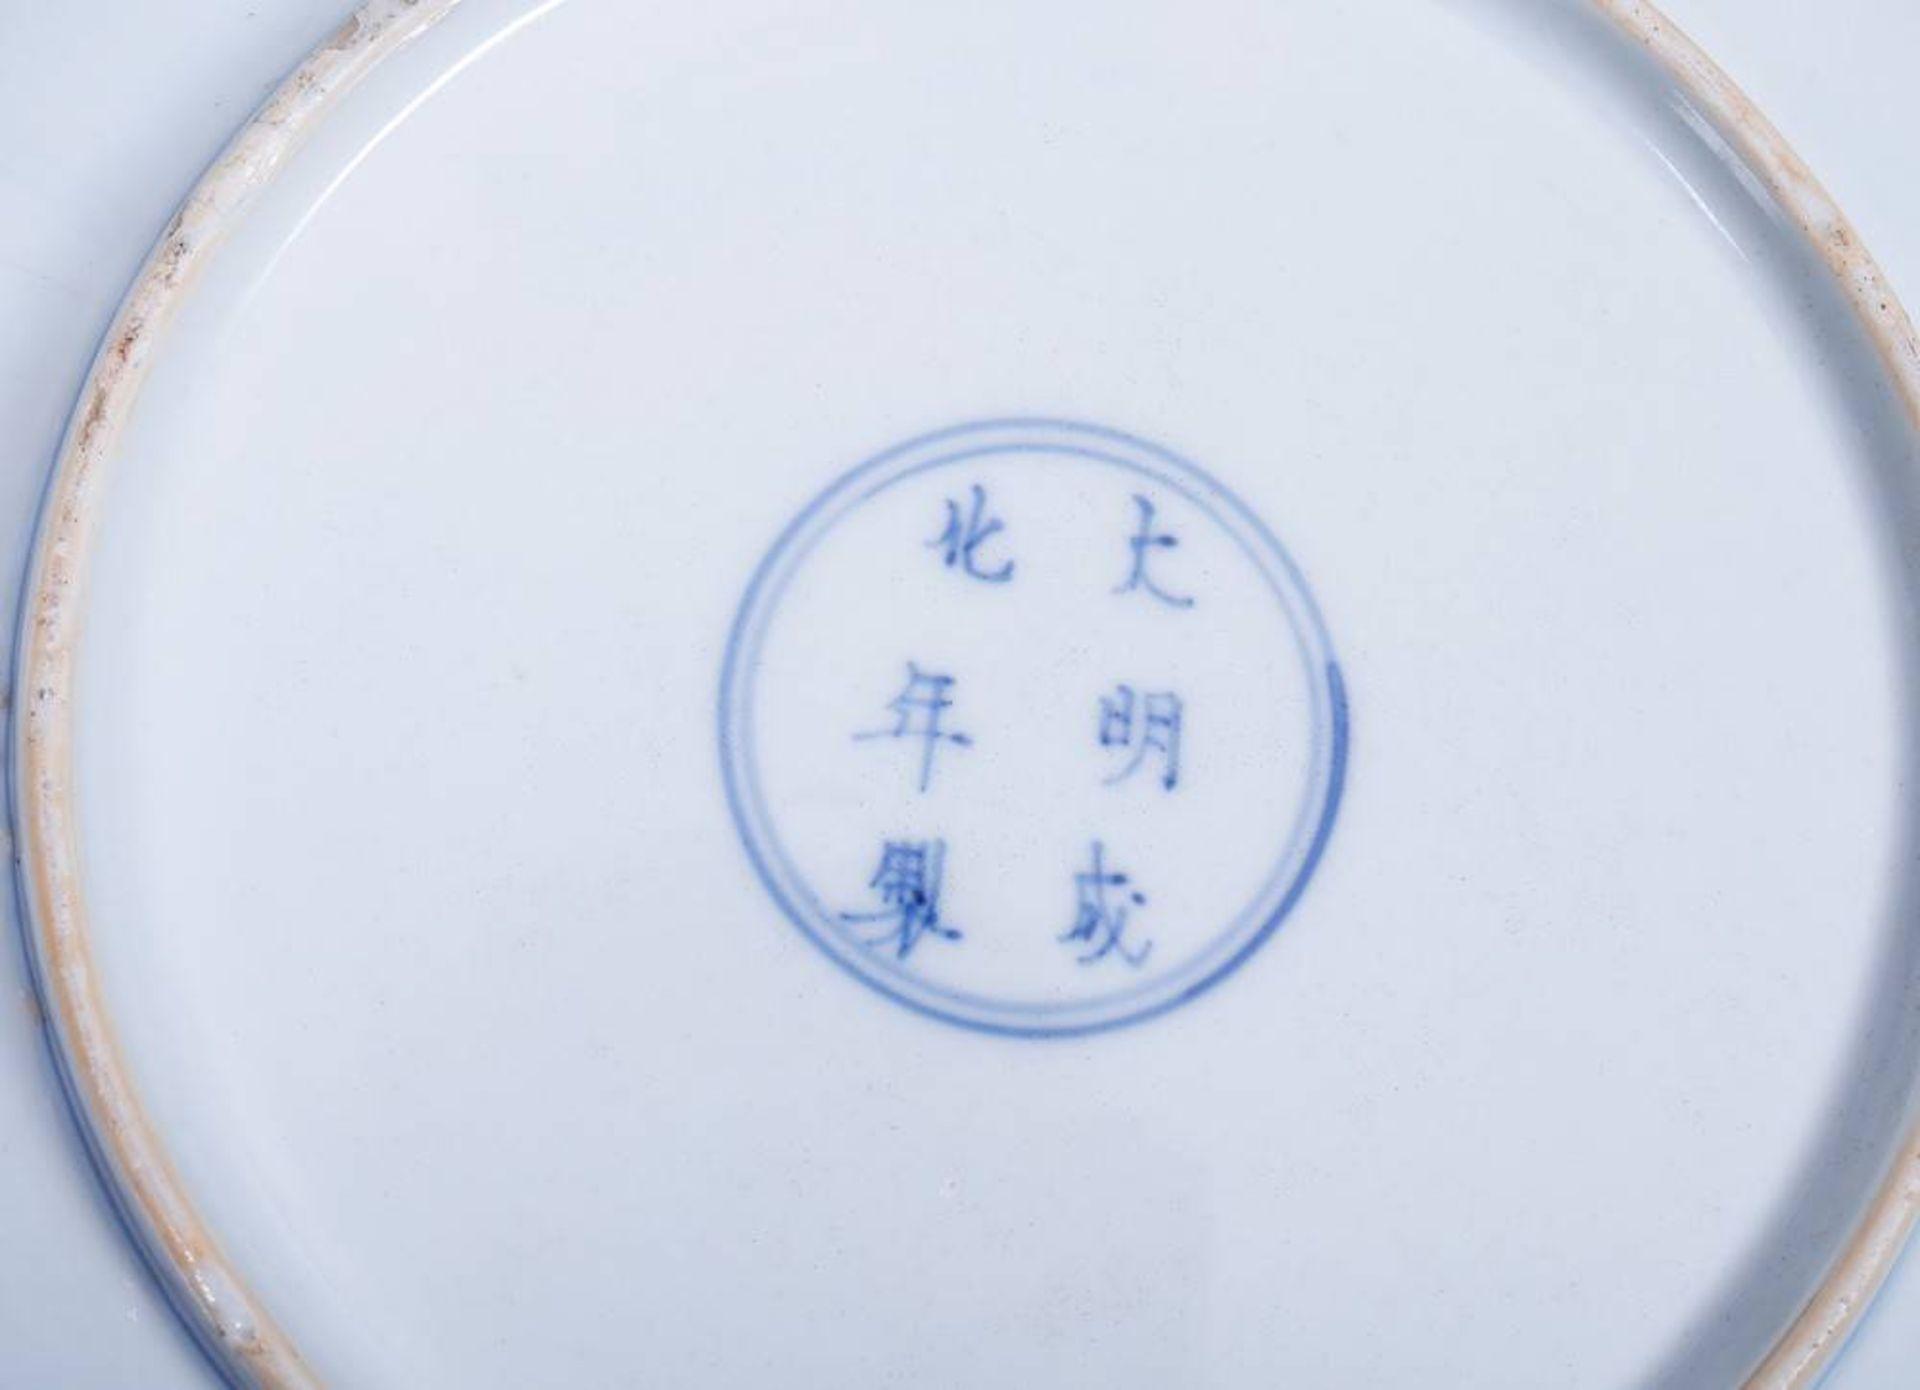 2 Doucai-Teller, China, wohl 19.Jh. im Spiegel Parklandschaft mit Affe und Hirsch, - Bild 4 aus 4